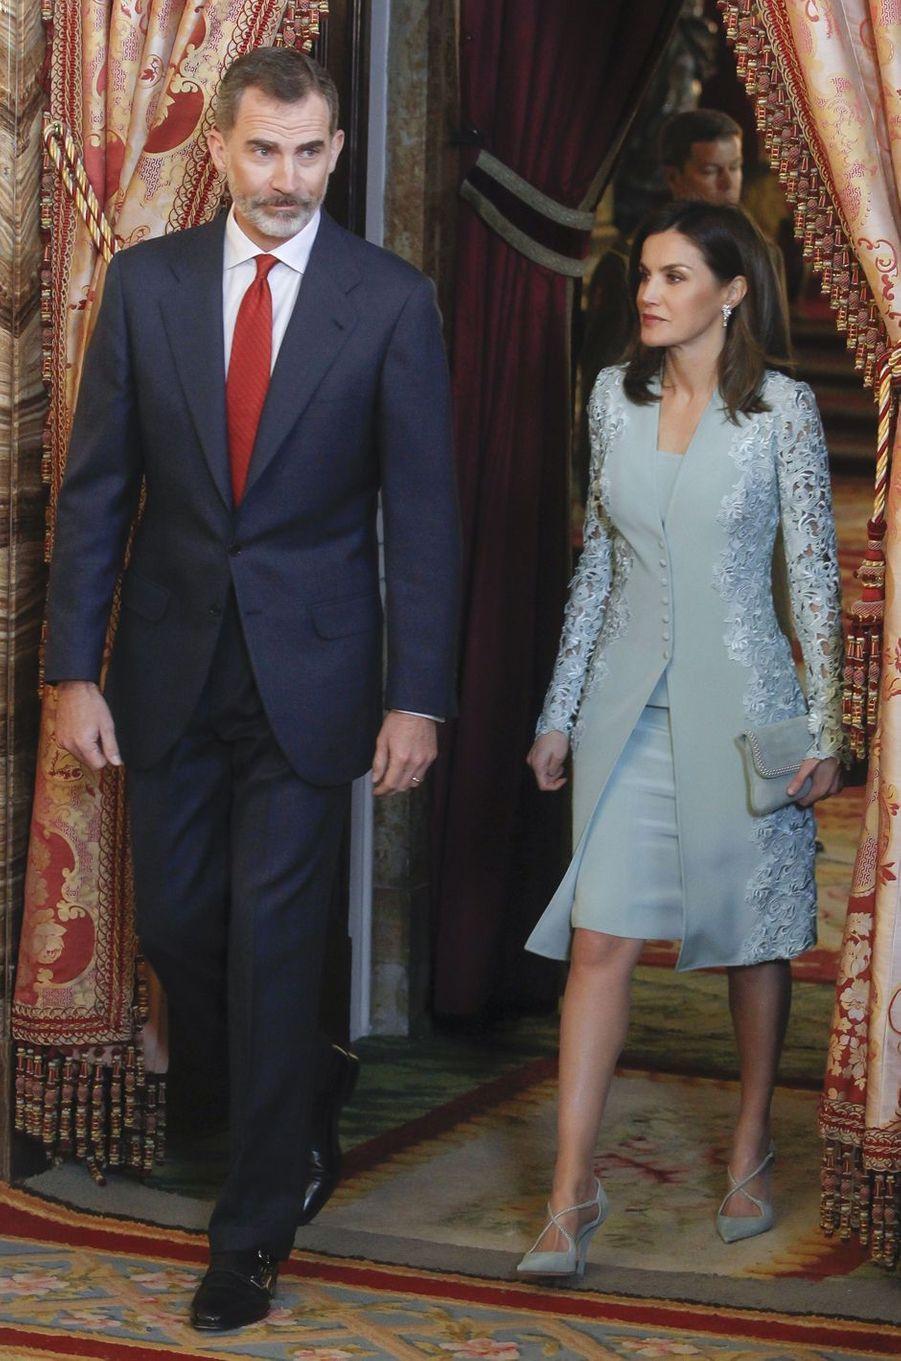 La reine Letizia et le roi Felipe VI d'Espagne à Madrid, le 20 avril 2018